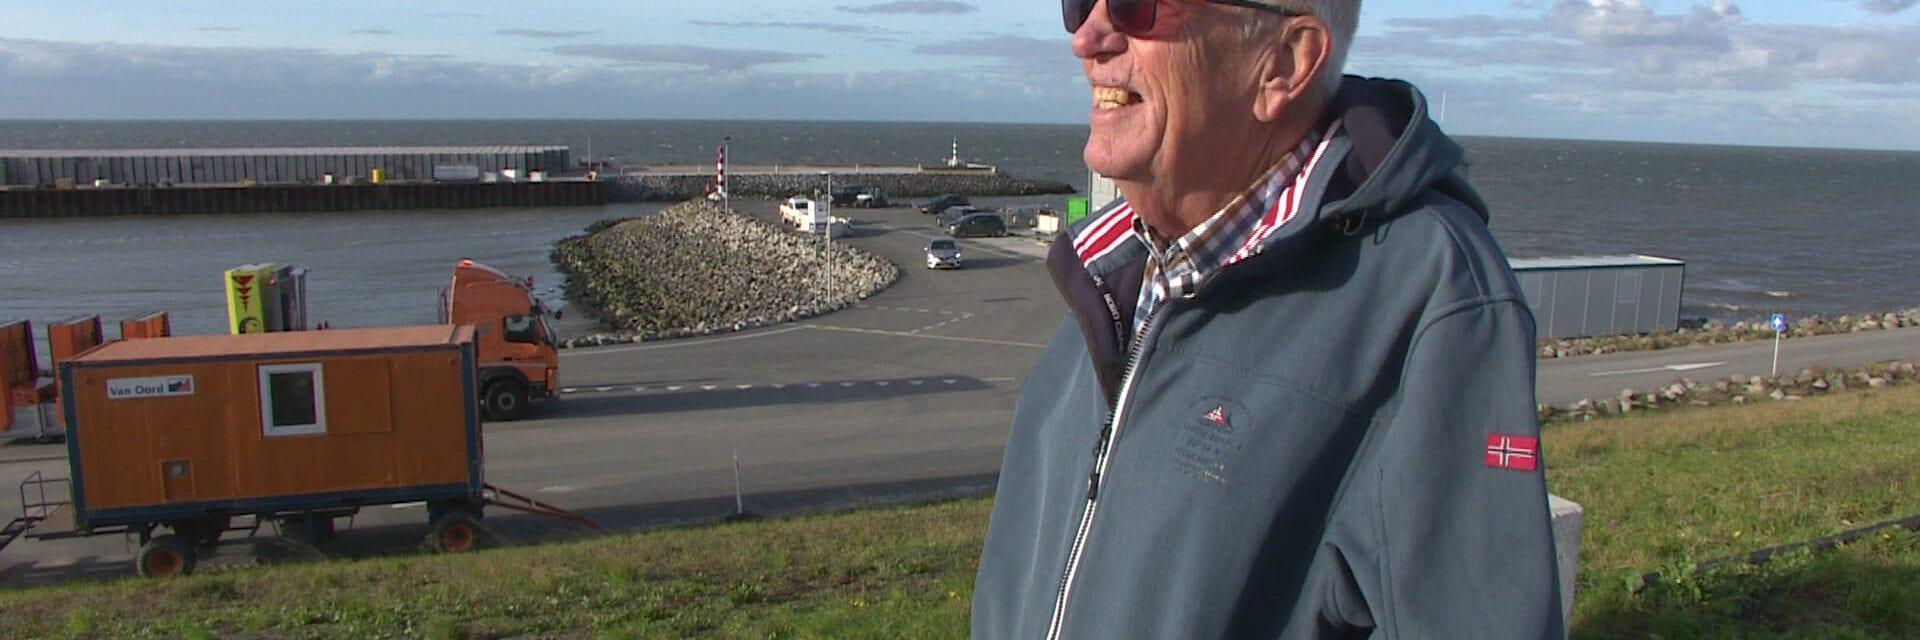 Op deze foto zie je Jan de Krijger, hij is een vrijwilliger en kijkt uit over de dijk. Hij draagt een zonnebril.